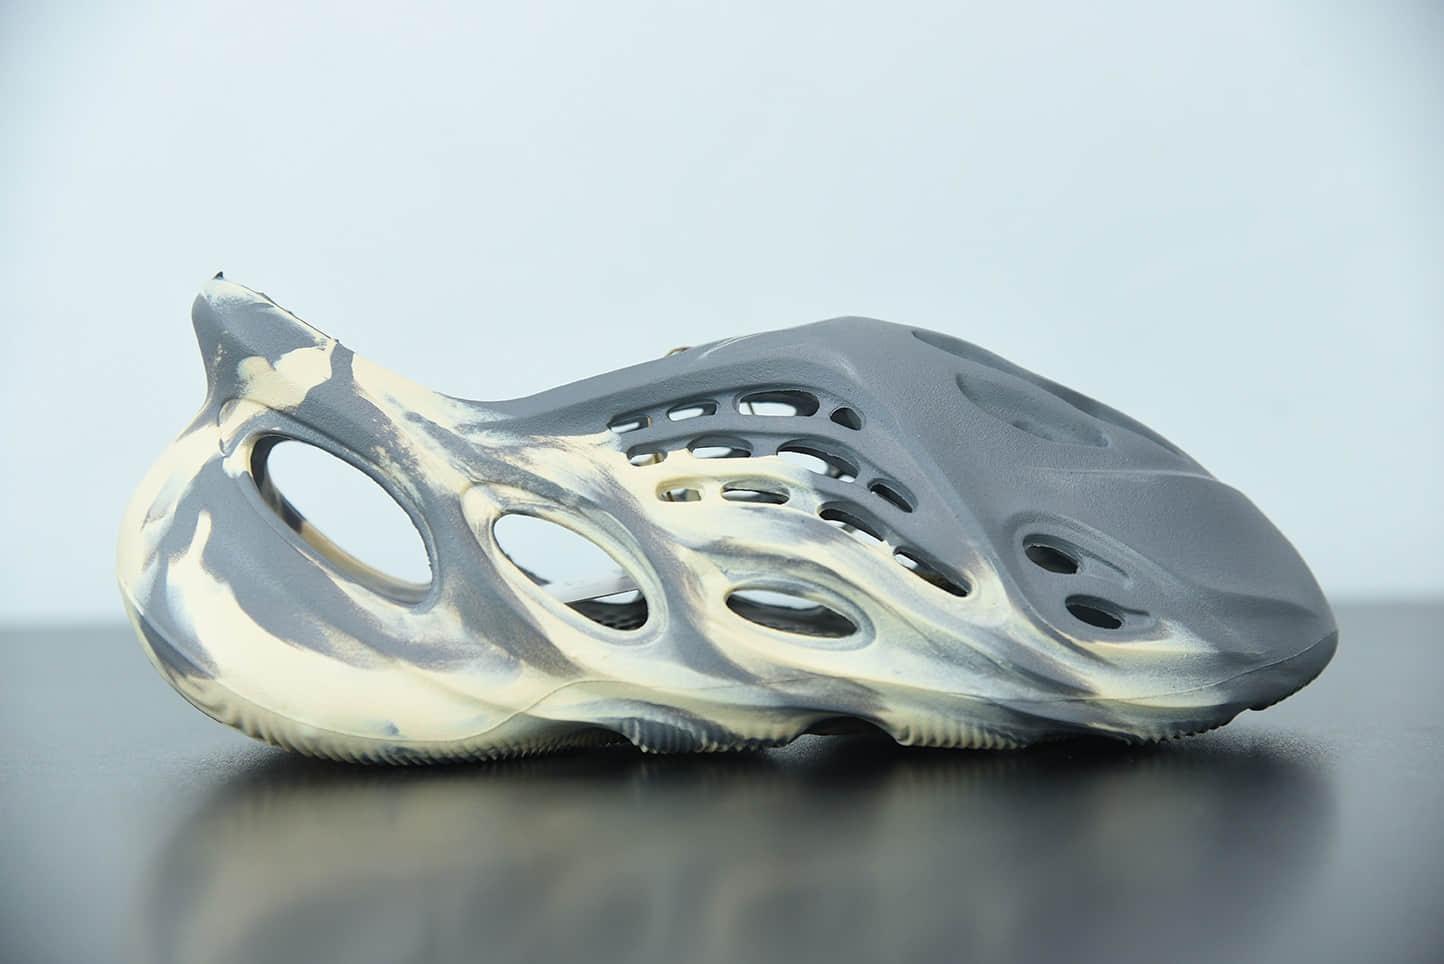 """阿迪达斯Adidas Yeezy Foam Runner """"MXT Moon Grey""""灰黄大理石洞洞鞋纯原版本 货号:GY7904"""